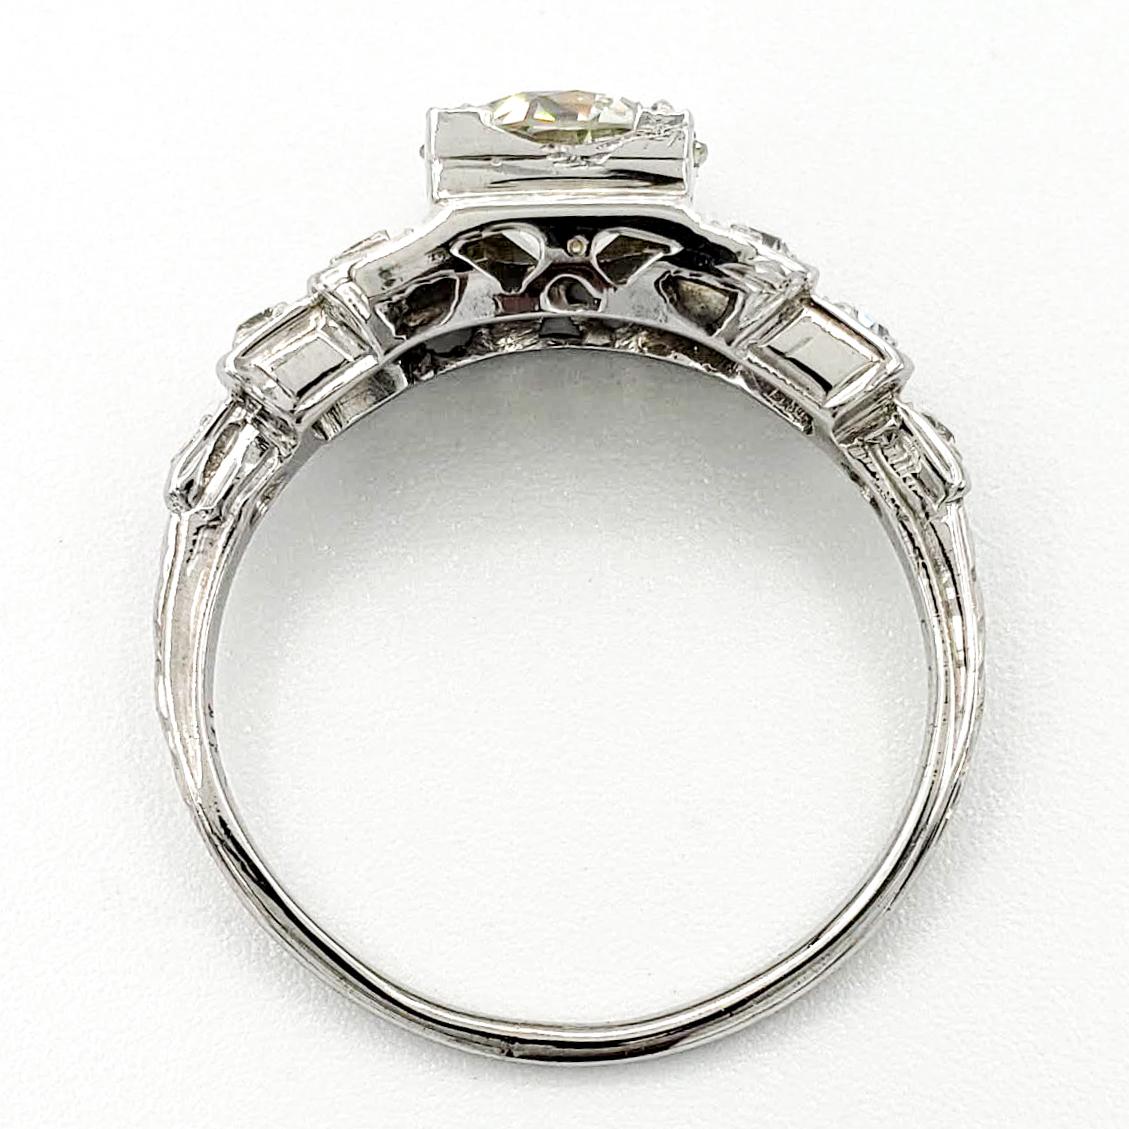 vintage-18-karat-gold-engagement-ring-with-1-00-carat-old-european-cut-diamond-egl-k-si1